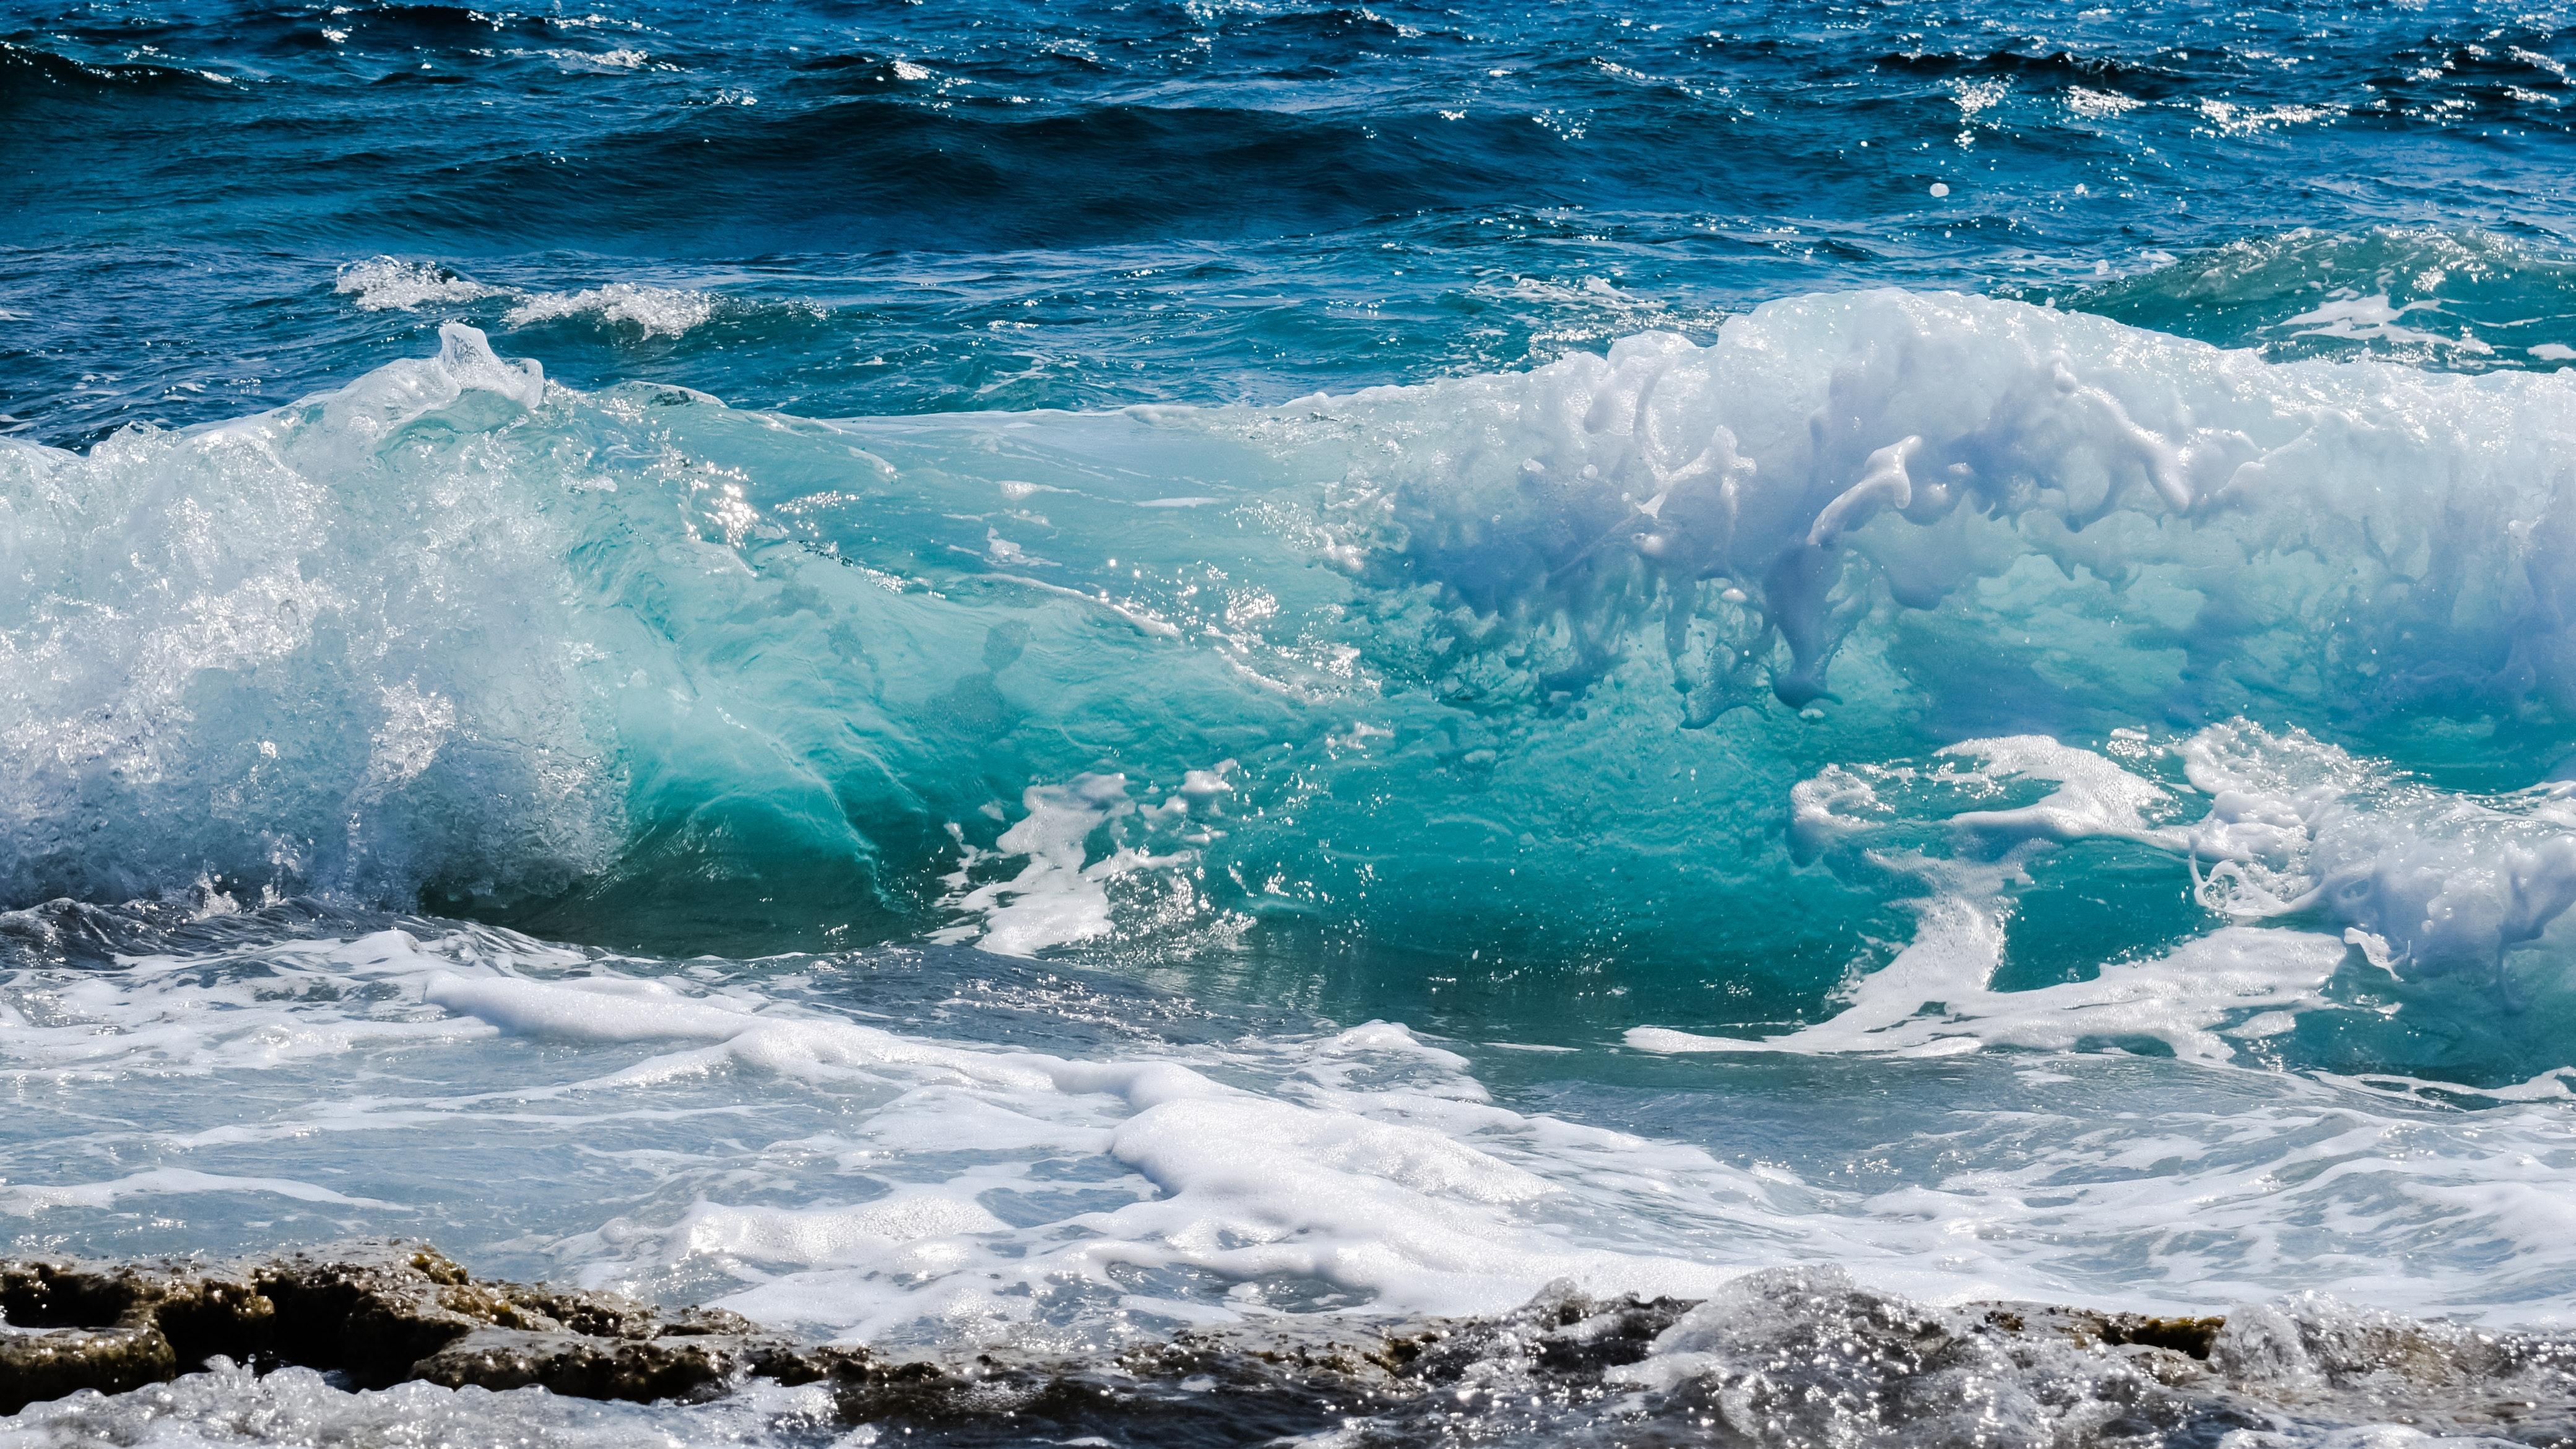 En vacaciones, no perdamos de vista el cuidado de nuestros mares y océanos.